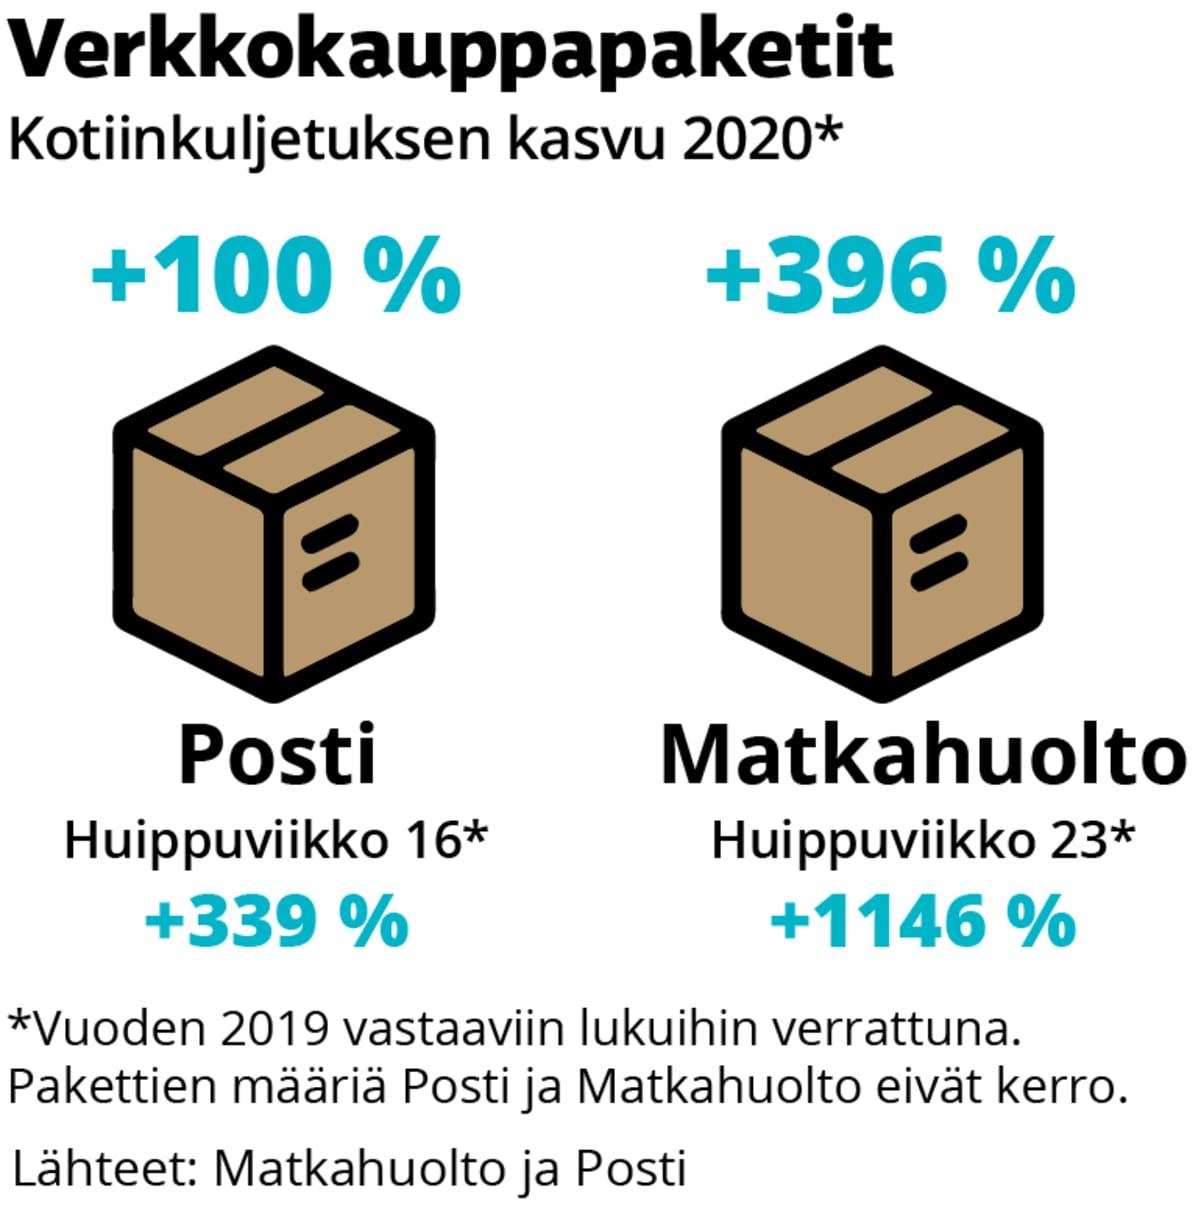 Verkkokaupan pakettilähetysten kasvun muutos vuodesta 2019 vuoteen 2020. Postilla kasvua 100 prosenttia. Matkahuollolla kasvua 396 prosenttia